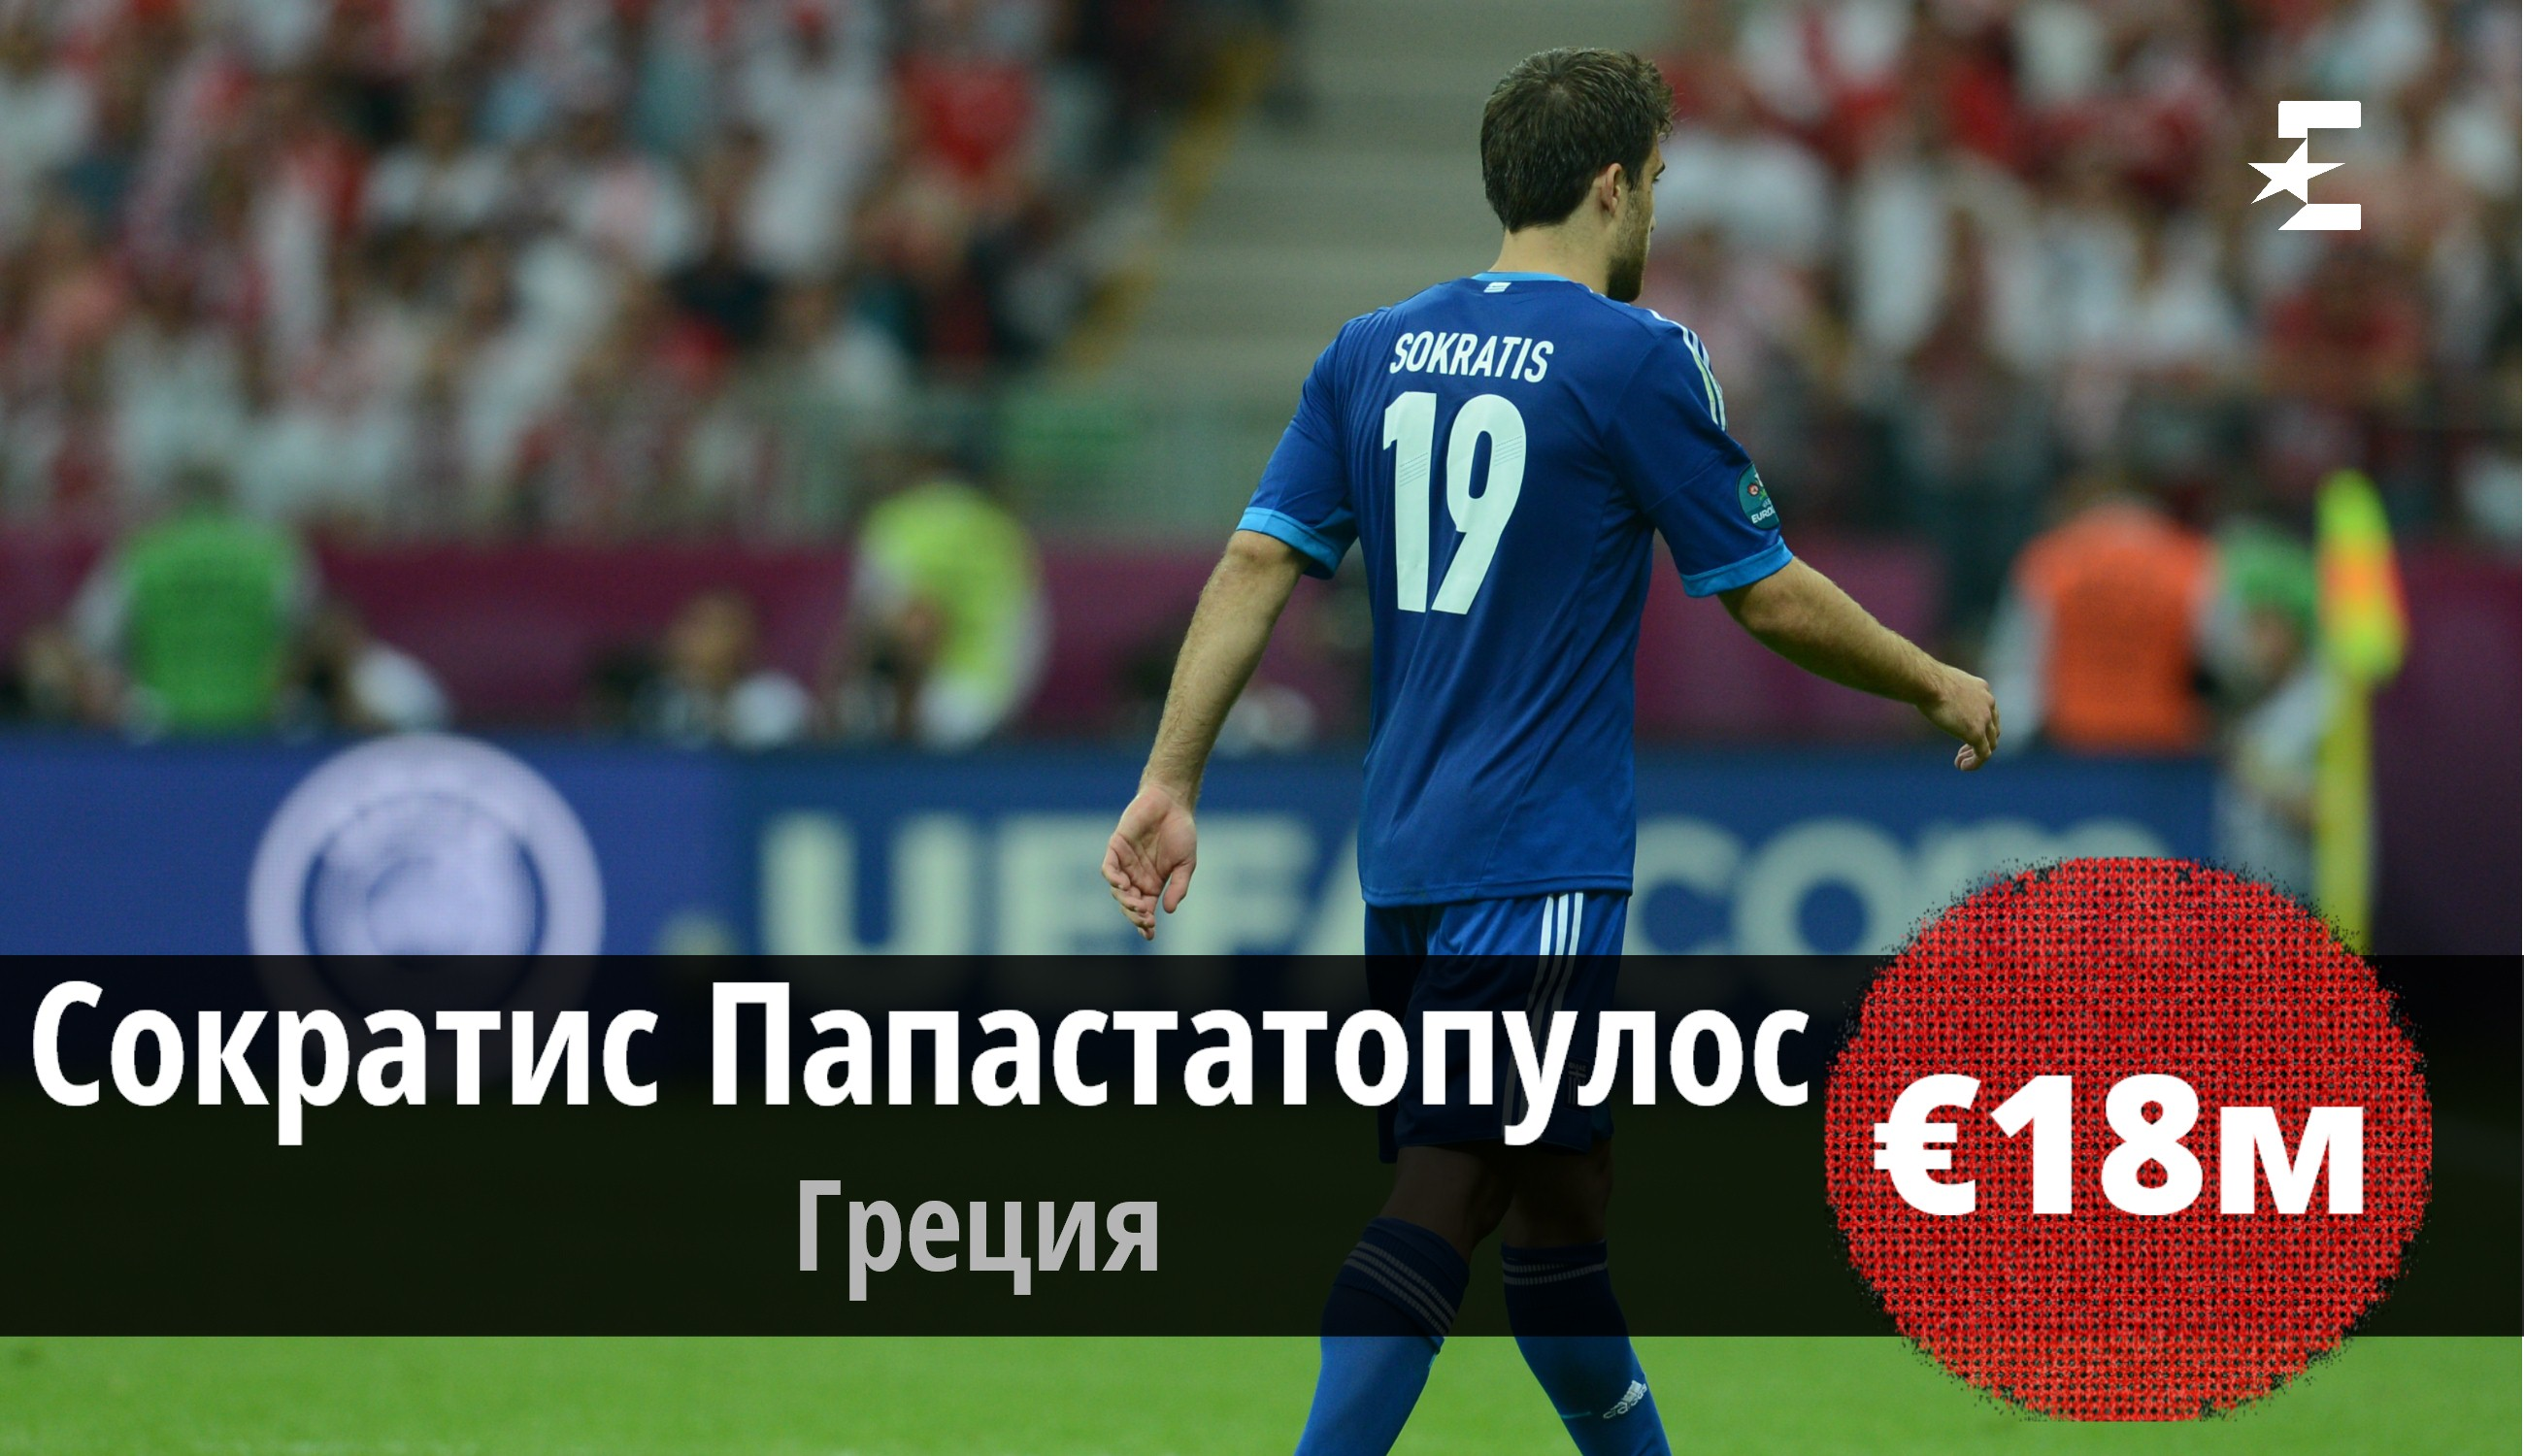 Сократис Папастатопулос